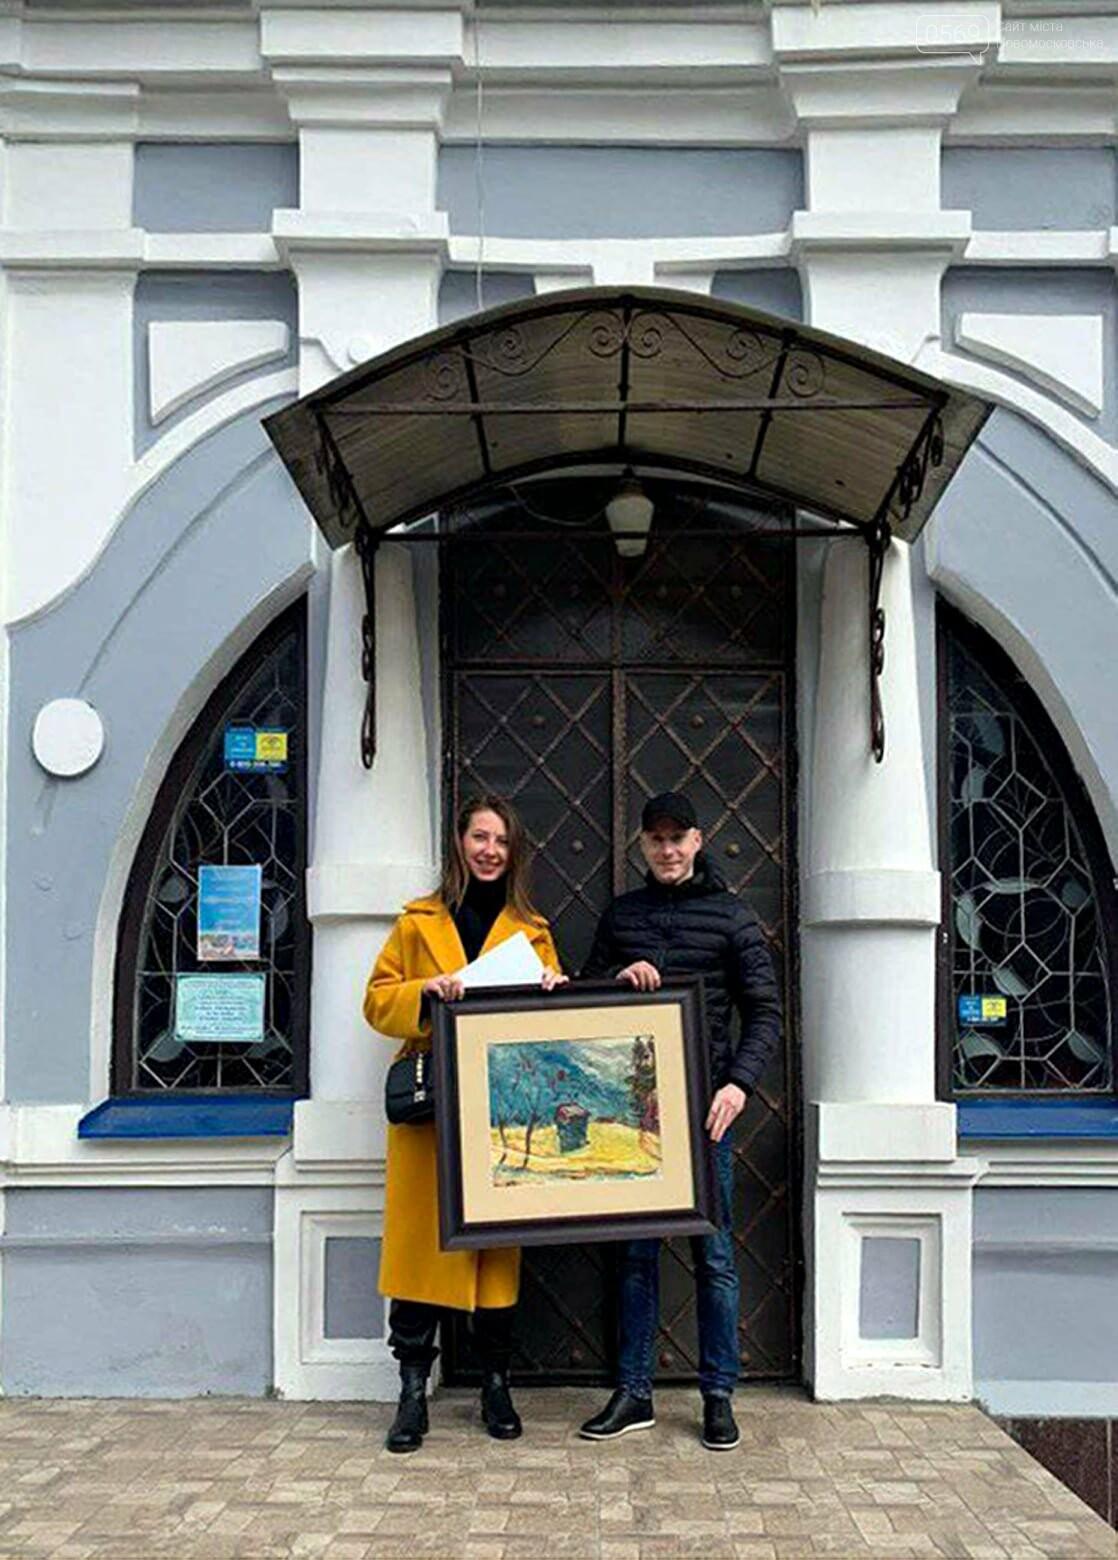 Новомосковський історичний музей спільно з Молодіжним центром знімуть фільм до 120-річчя видатного художника-земляка, фото-1